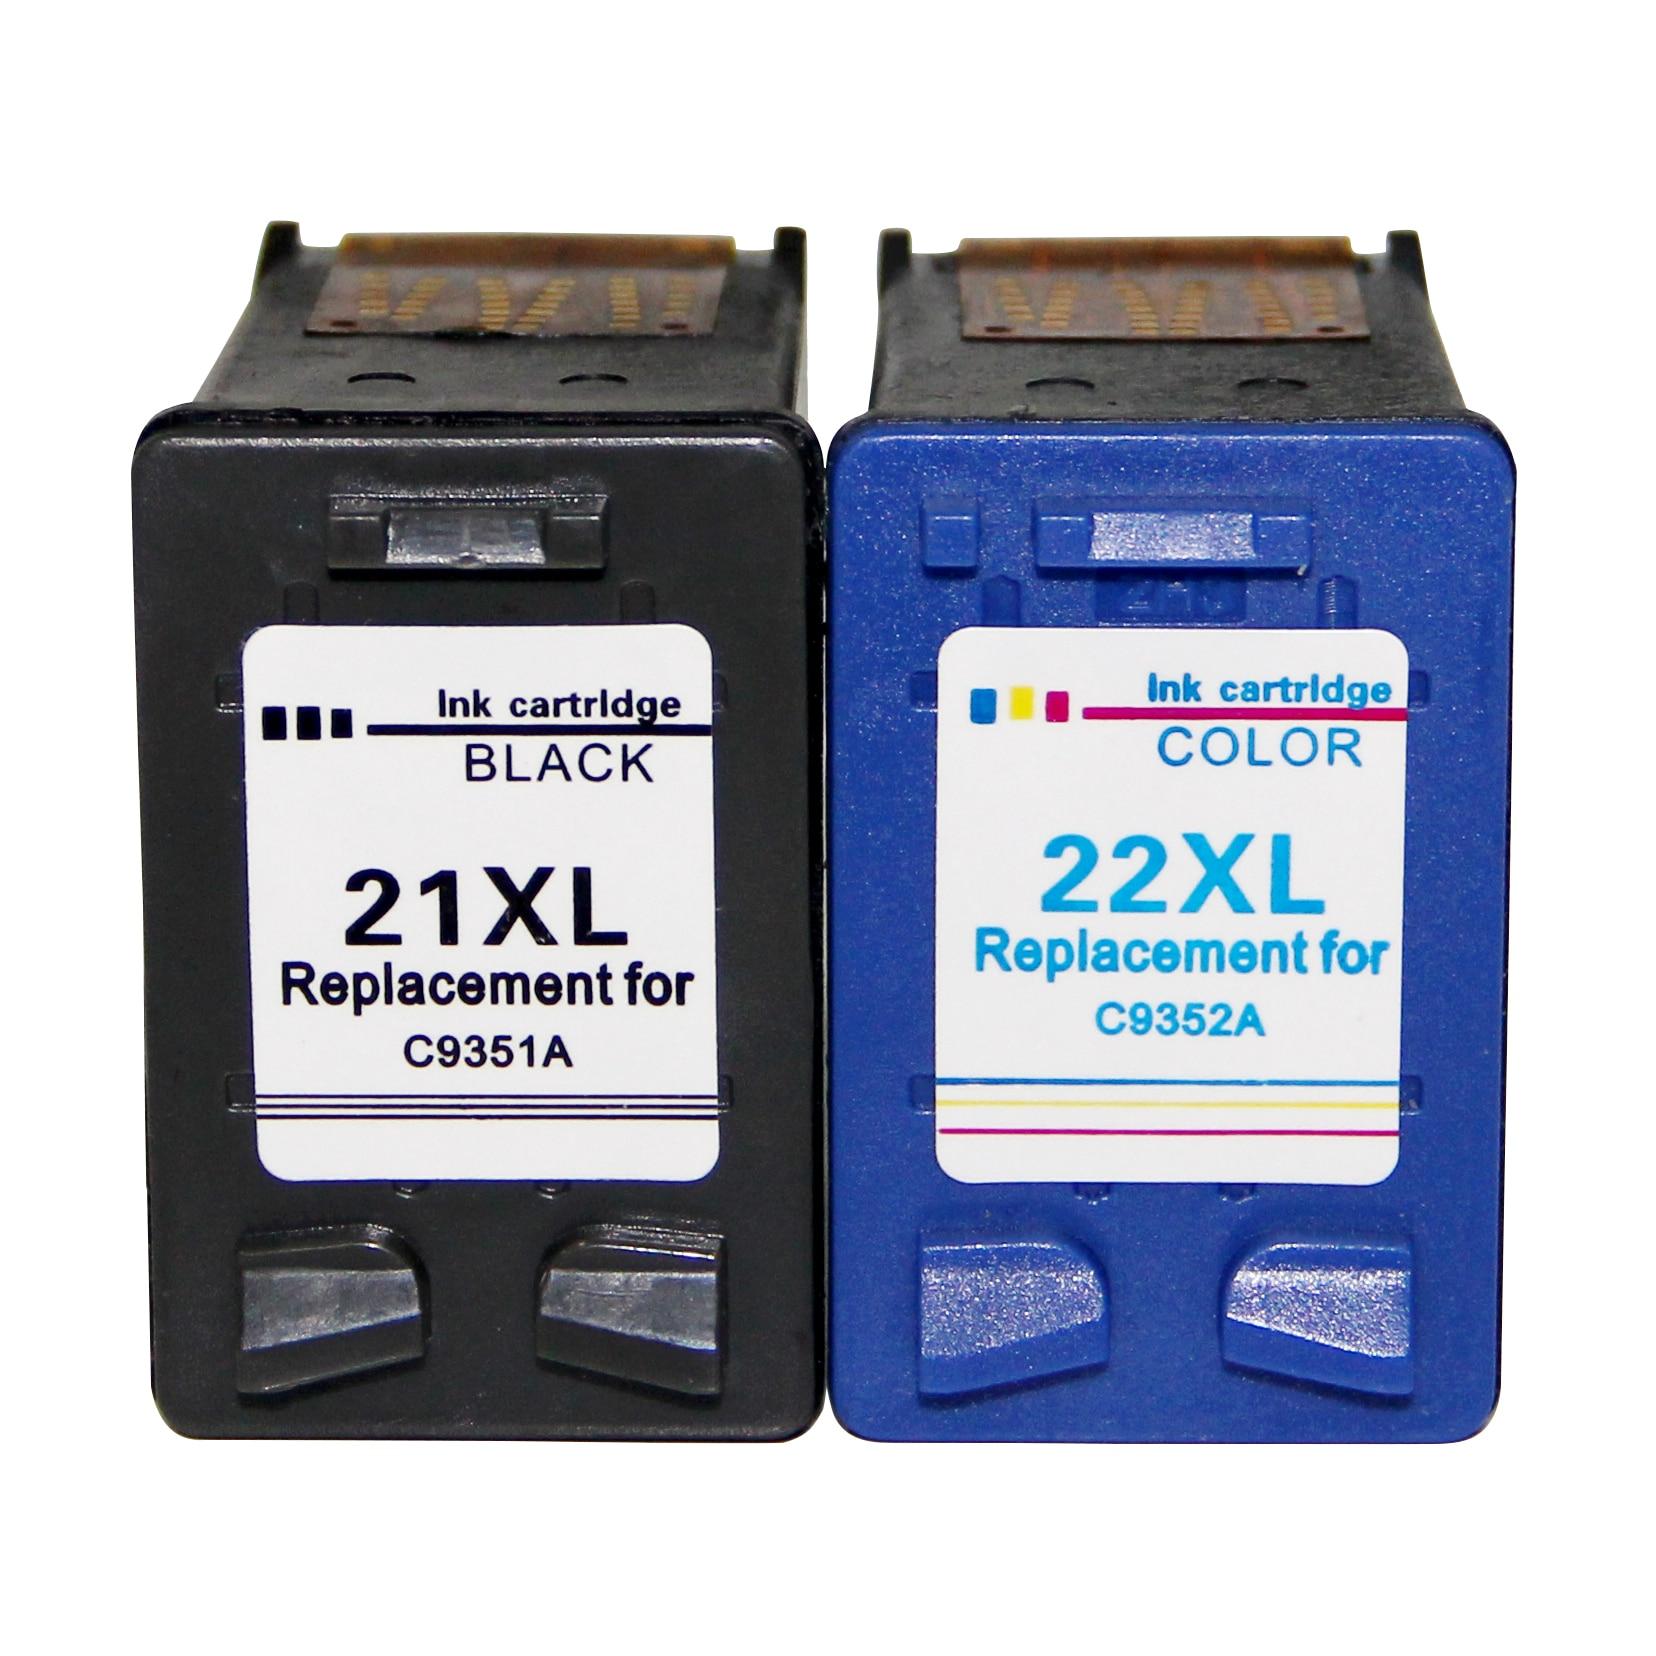 21 22 XL Ink Cartridge Replacement For HP 21 22 HP21 HP22 21XL 22XL Deskjet F2180 F2280 F4180 F380 380 Printer